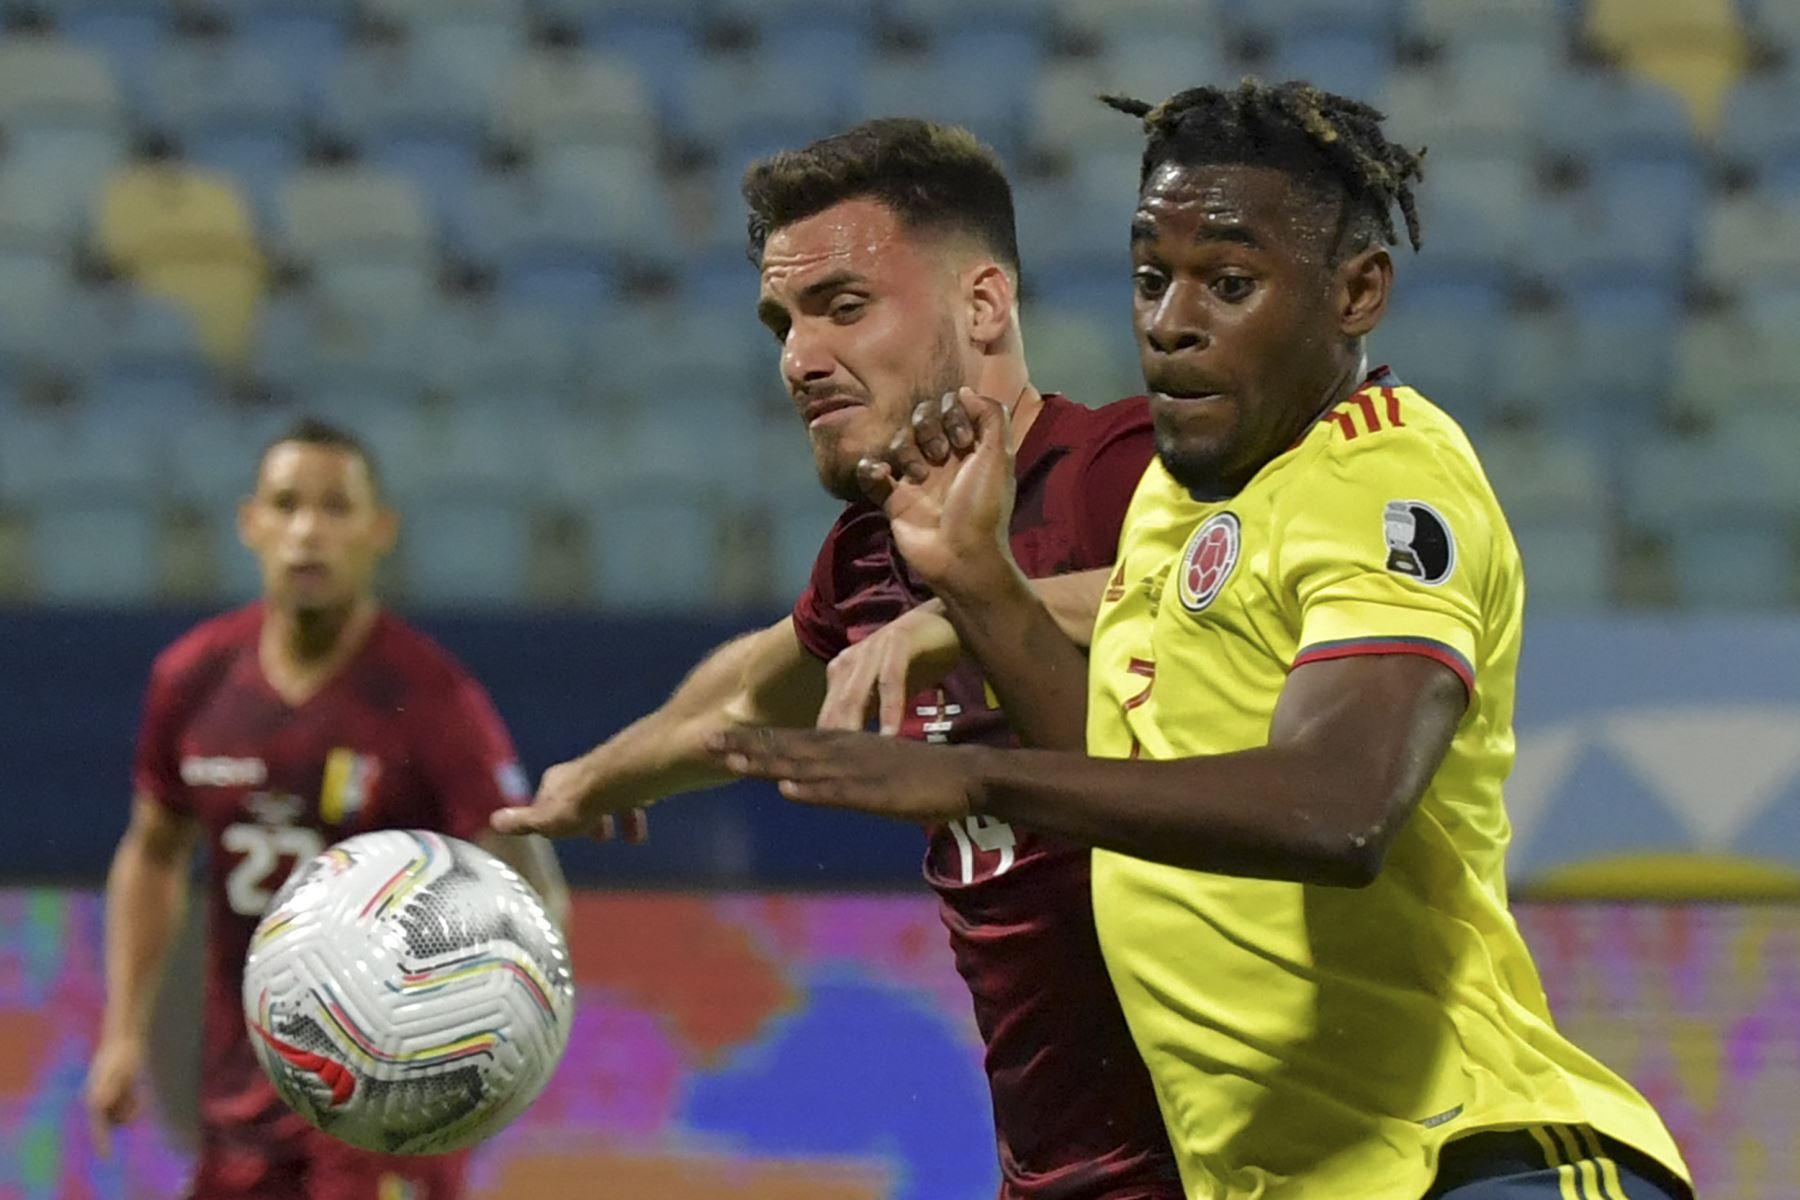 El venezolano Luis Del Pino Mago y el colombiano Duvan Zapata compiten por el balón durante el partido de la fase de grupos de la Copa América 2021 en el Estadio Olímpico de Goiania, Brasil. Foto: AFP